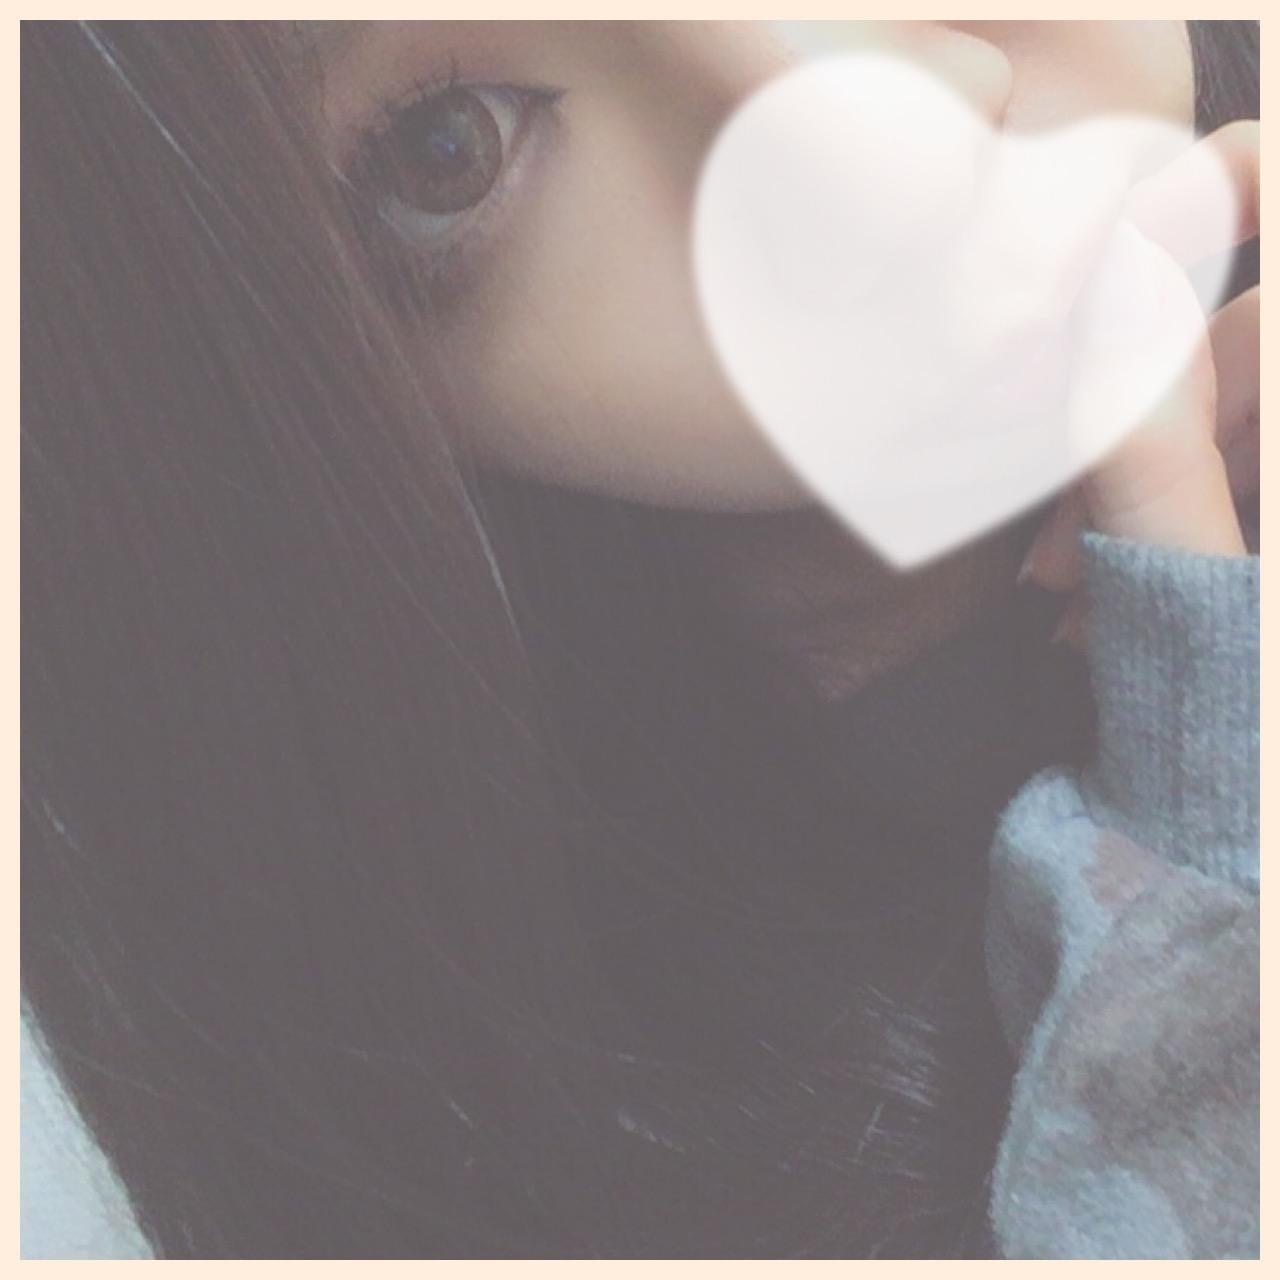 「おやすみなさい」12/04(火) 07:37 | なおの写メ・風俗動画